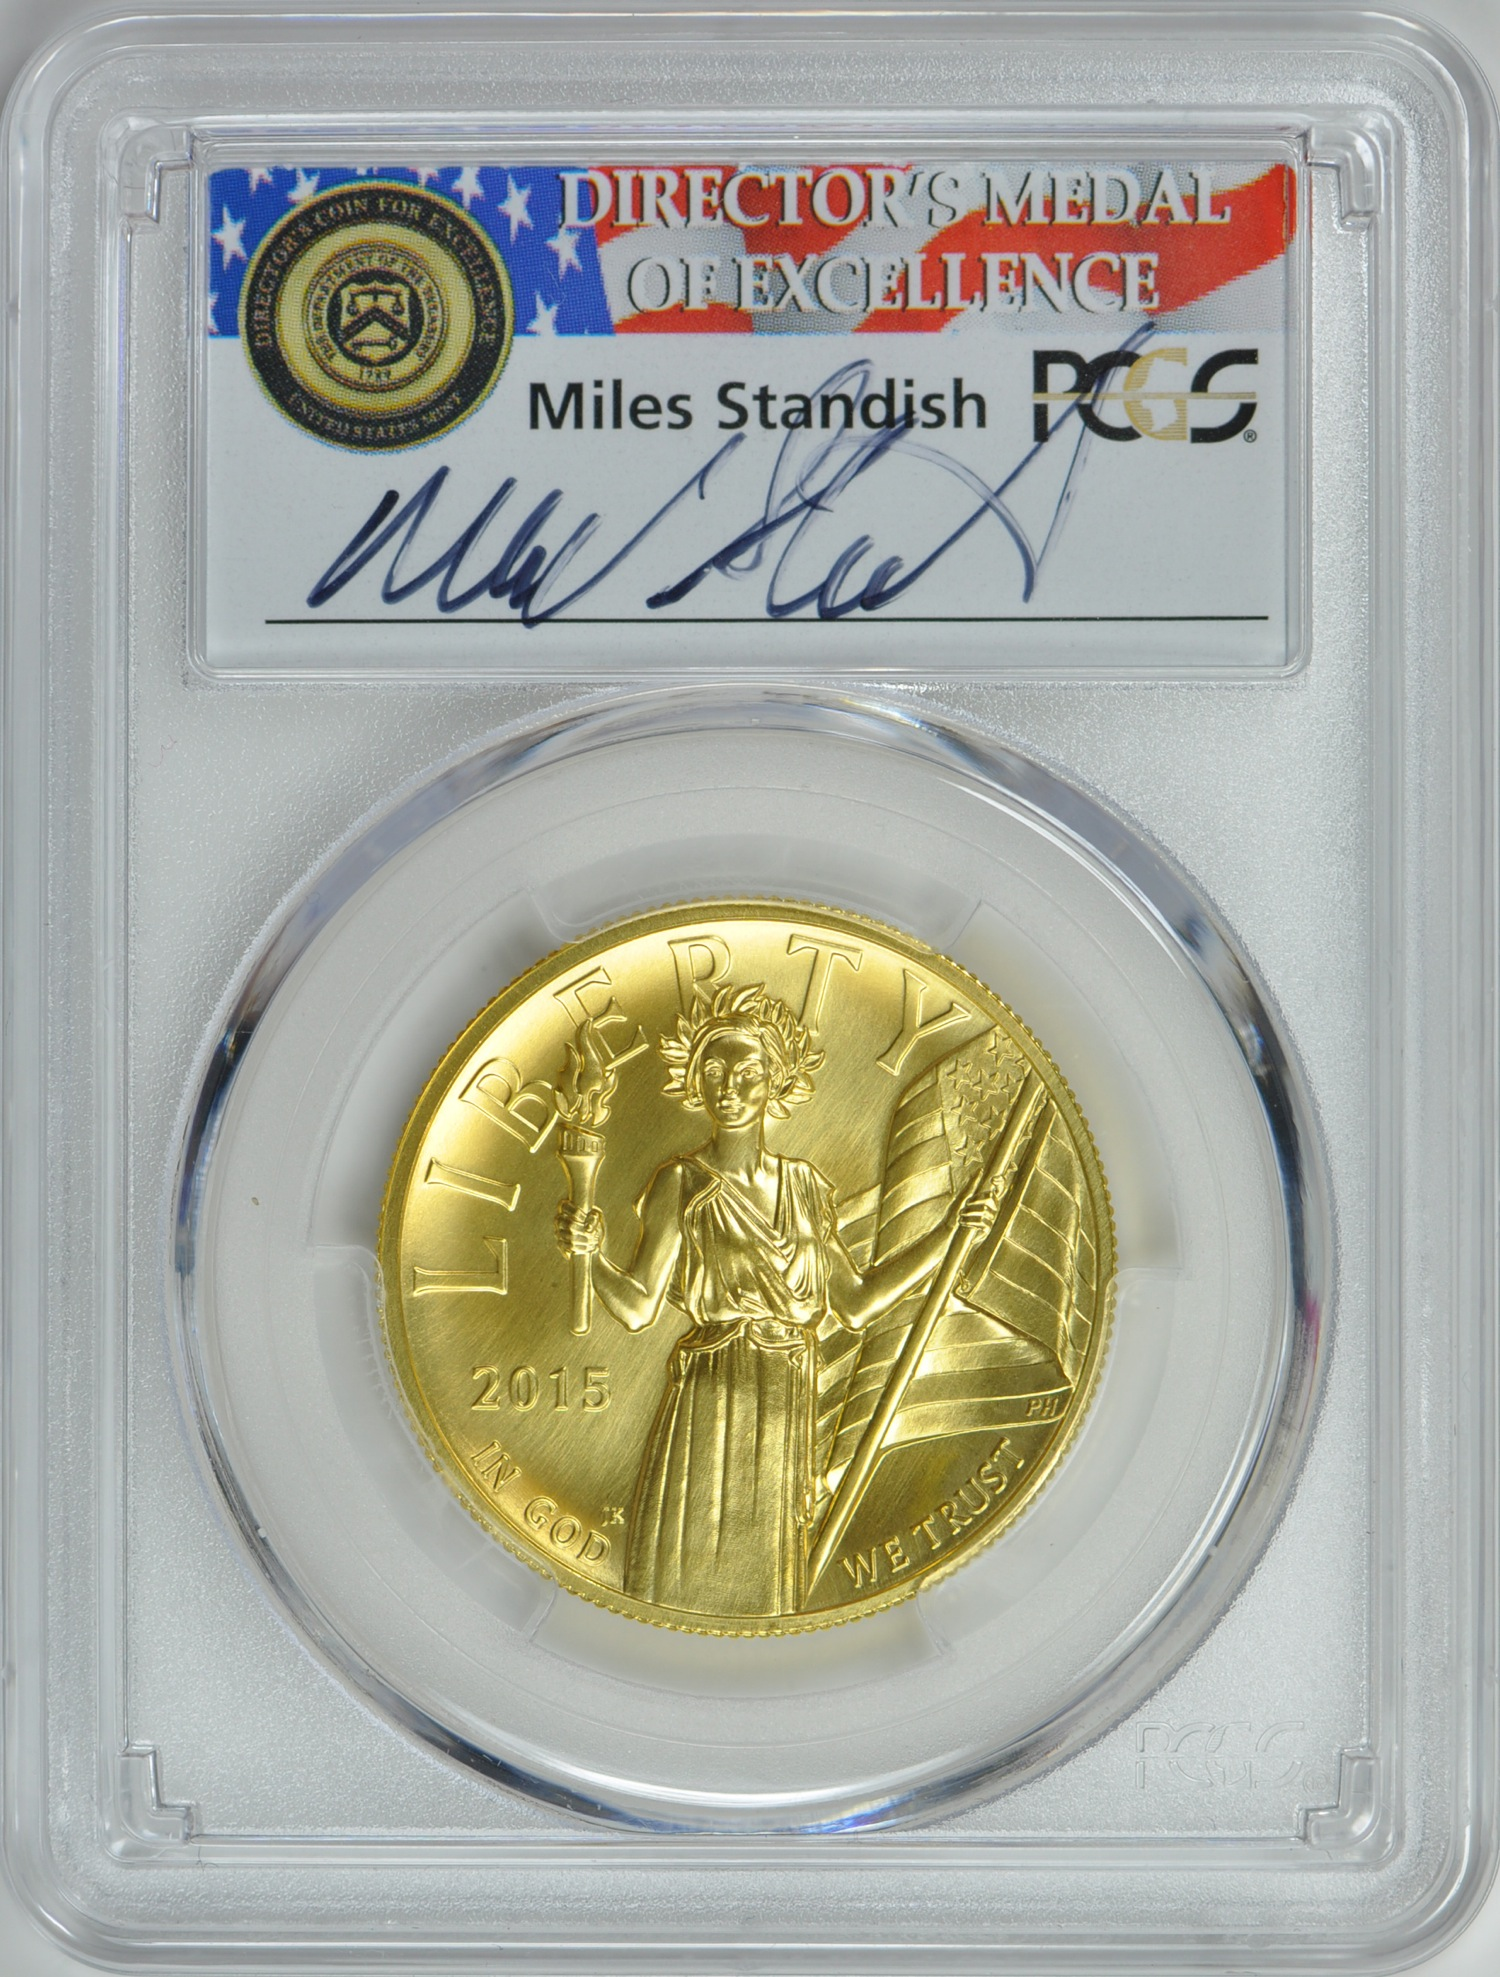 2015アメリカンリバティ ハイリリーフ 100ドル金貨PCGS-MS70 ファーストストライクMiles Standish サイン入り